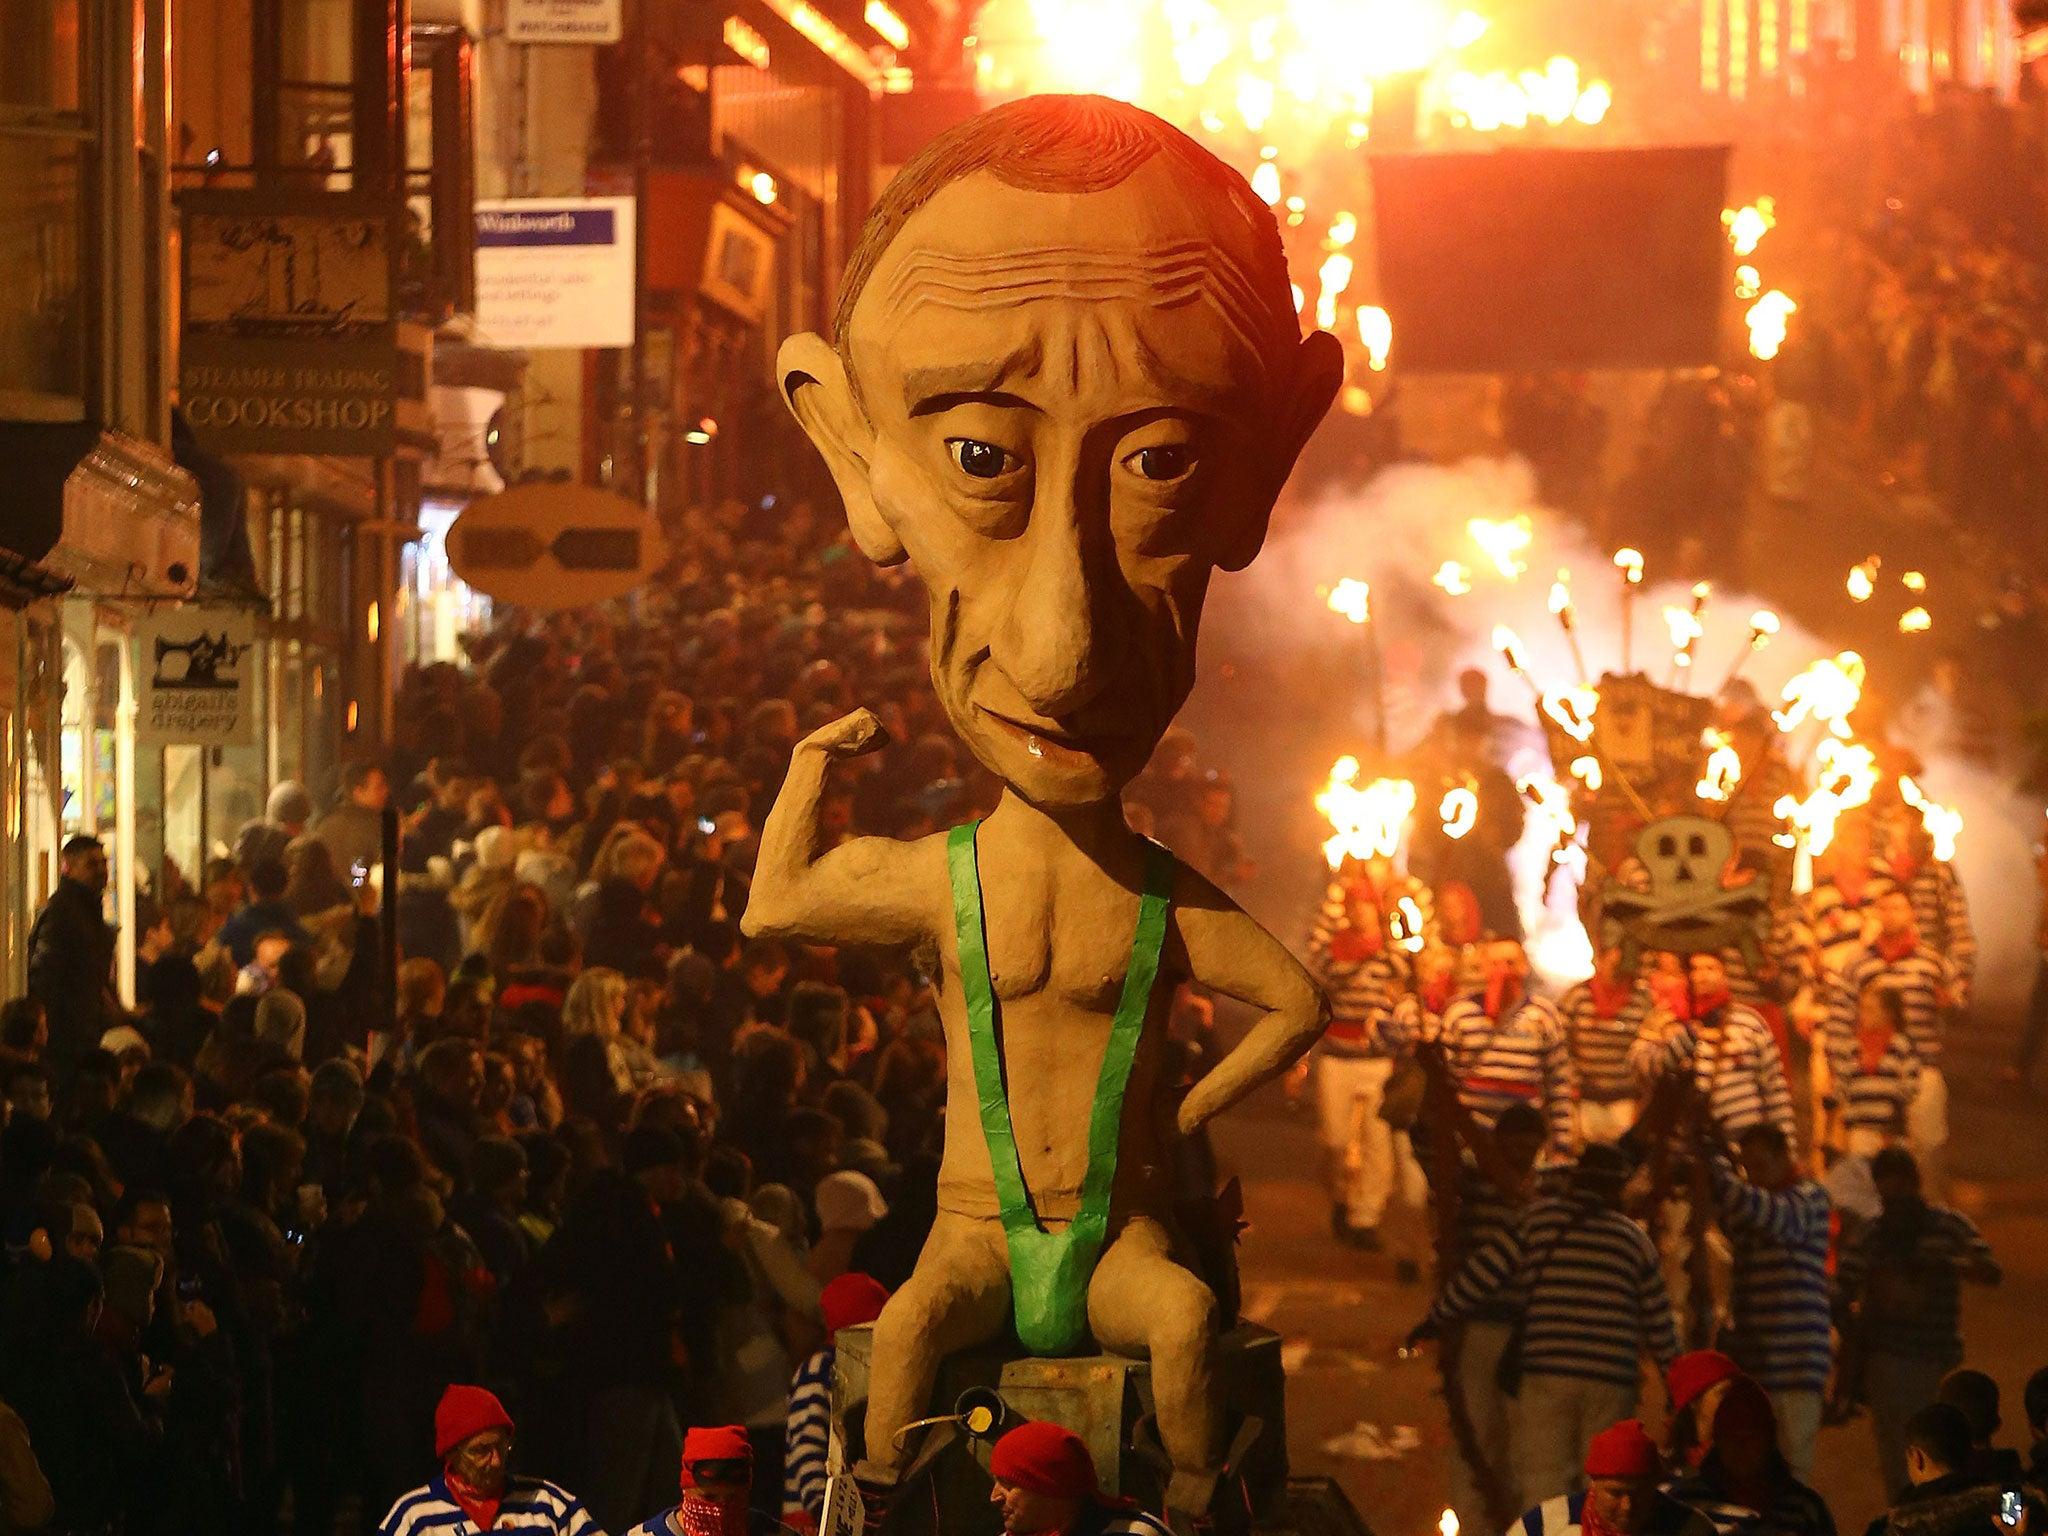 https://static.independent.co.uk/s3fs-public/thumbnails/image/2014/11/06/10/putin-mankini-effigy-wide.jpg